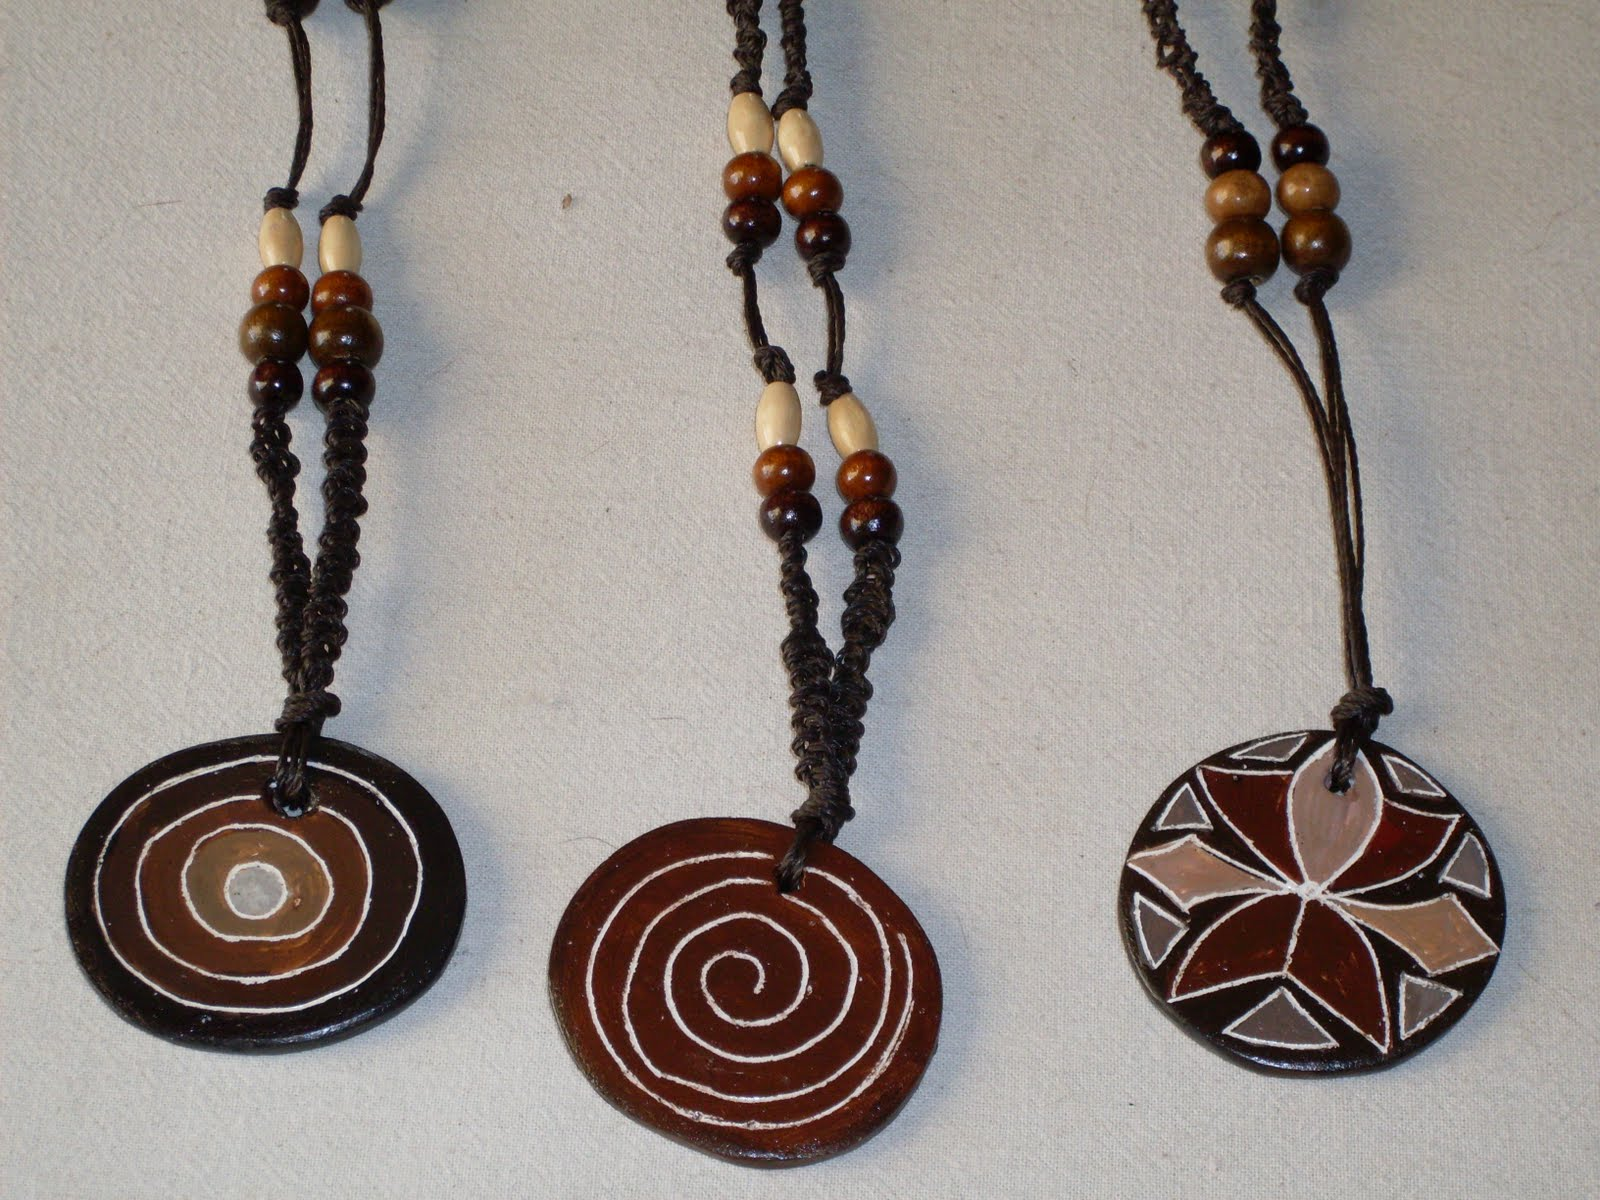 Artesania loca ejemplos de collares artesanales - Collares de cuero ...